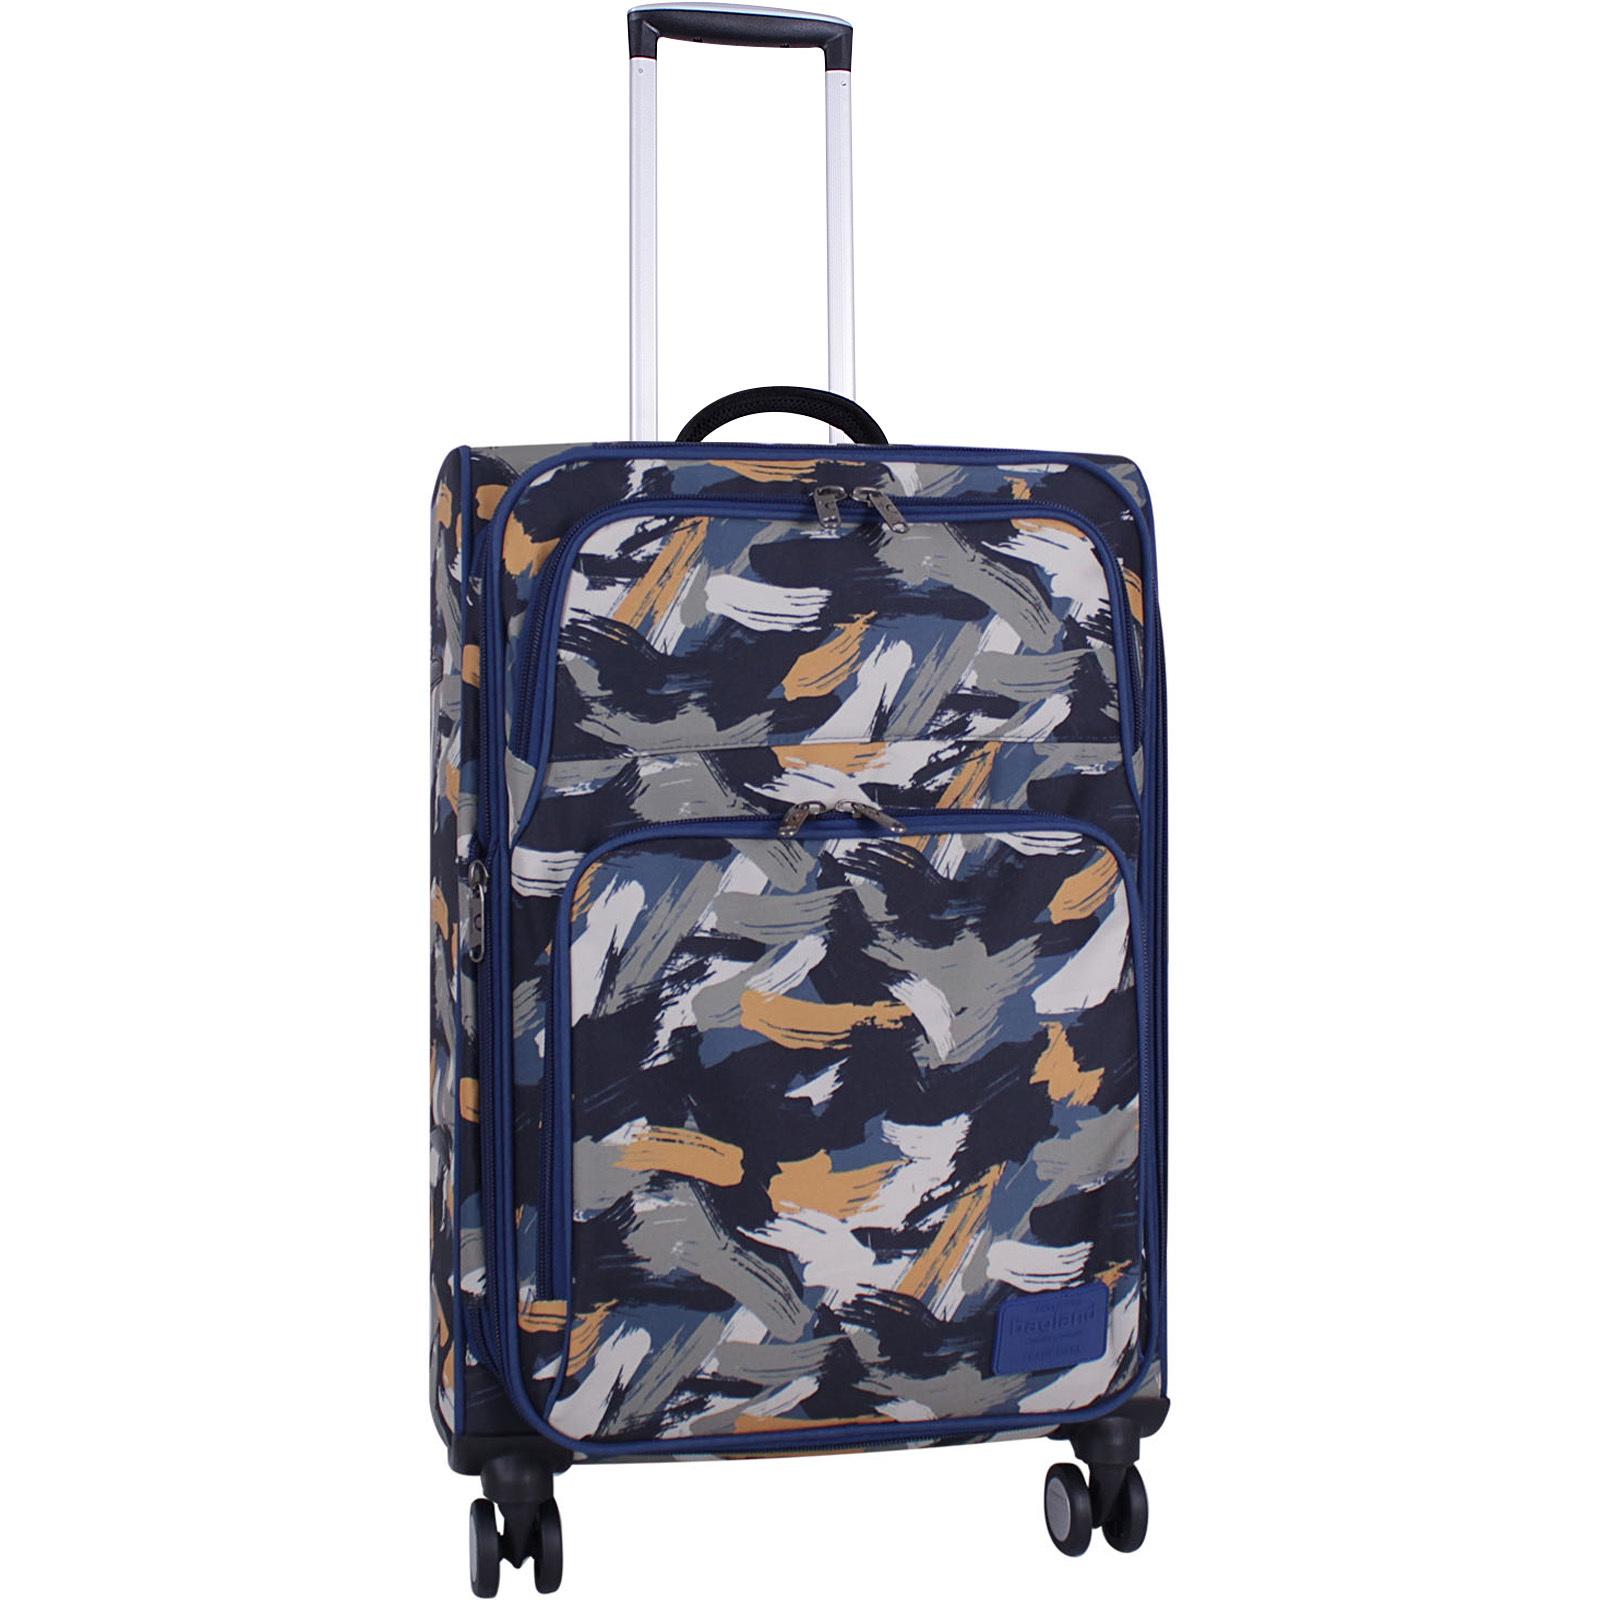 Дорожные чемоданы Чемодан Bagland Валенсия средний дизайн 63 л. сублимация 773 (0037966244) IMG_9274_суб773_-1600.jpg